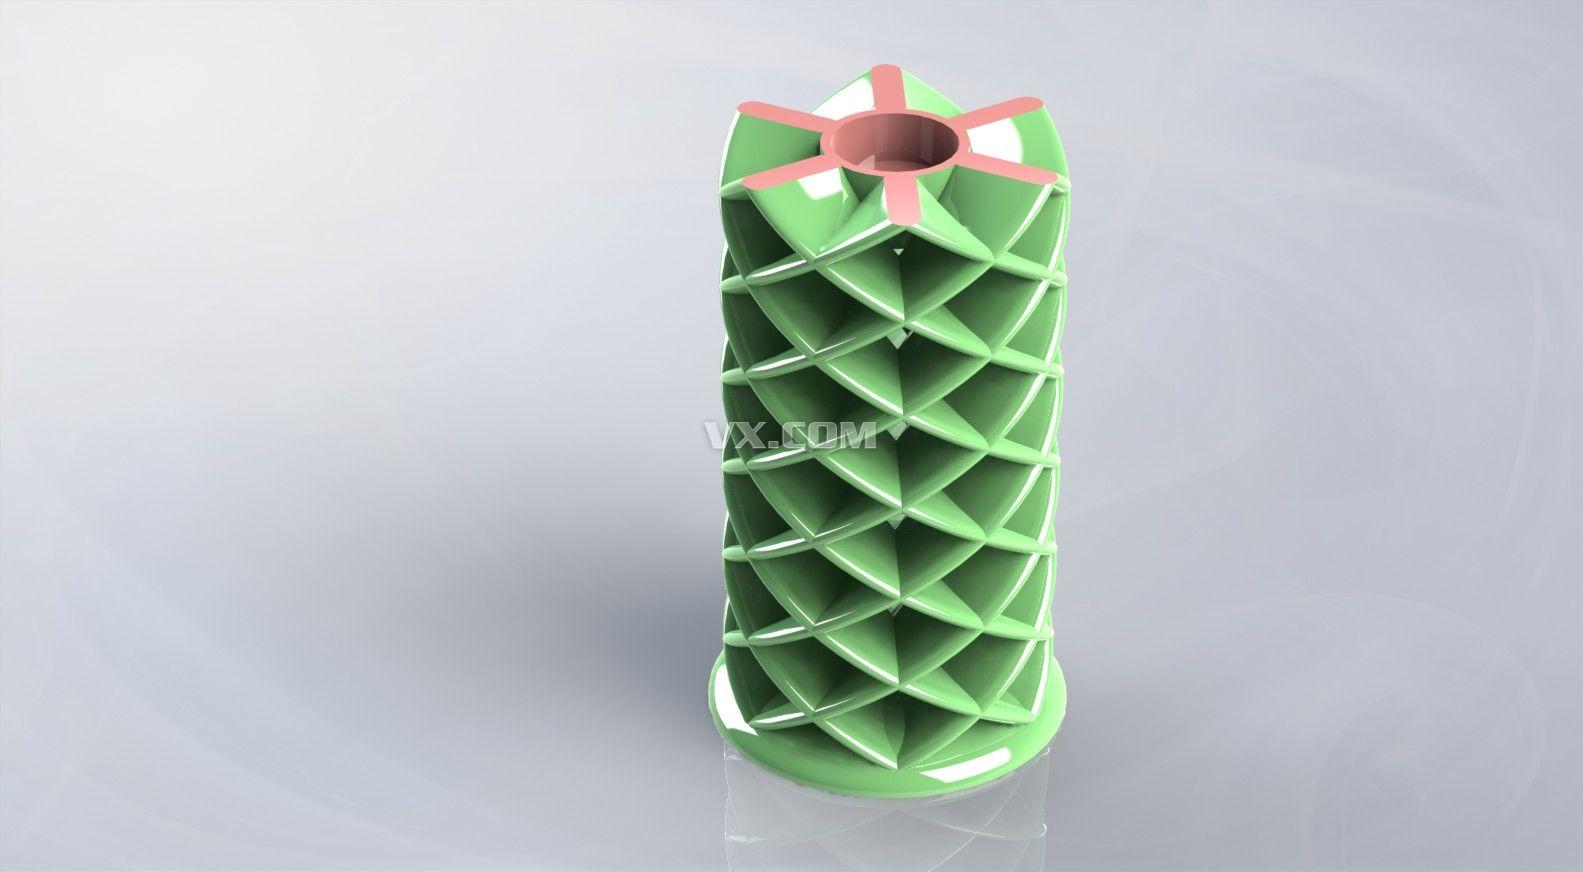 花型灯罩_solidworks_创意设计_3d模型_图纸下载_微小